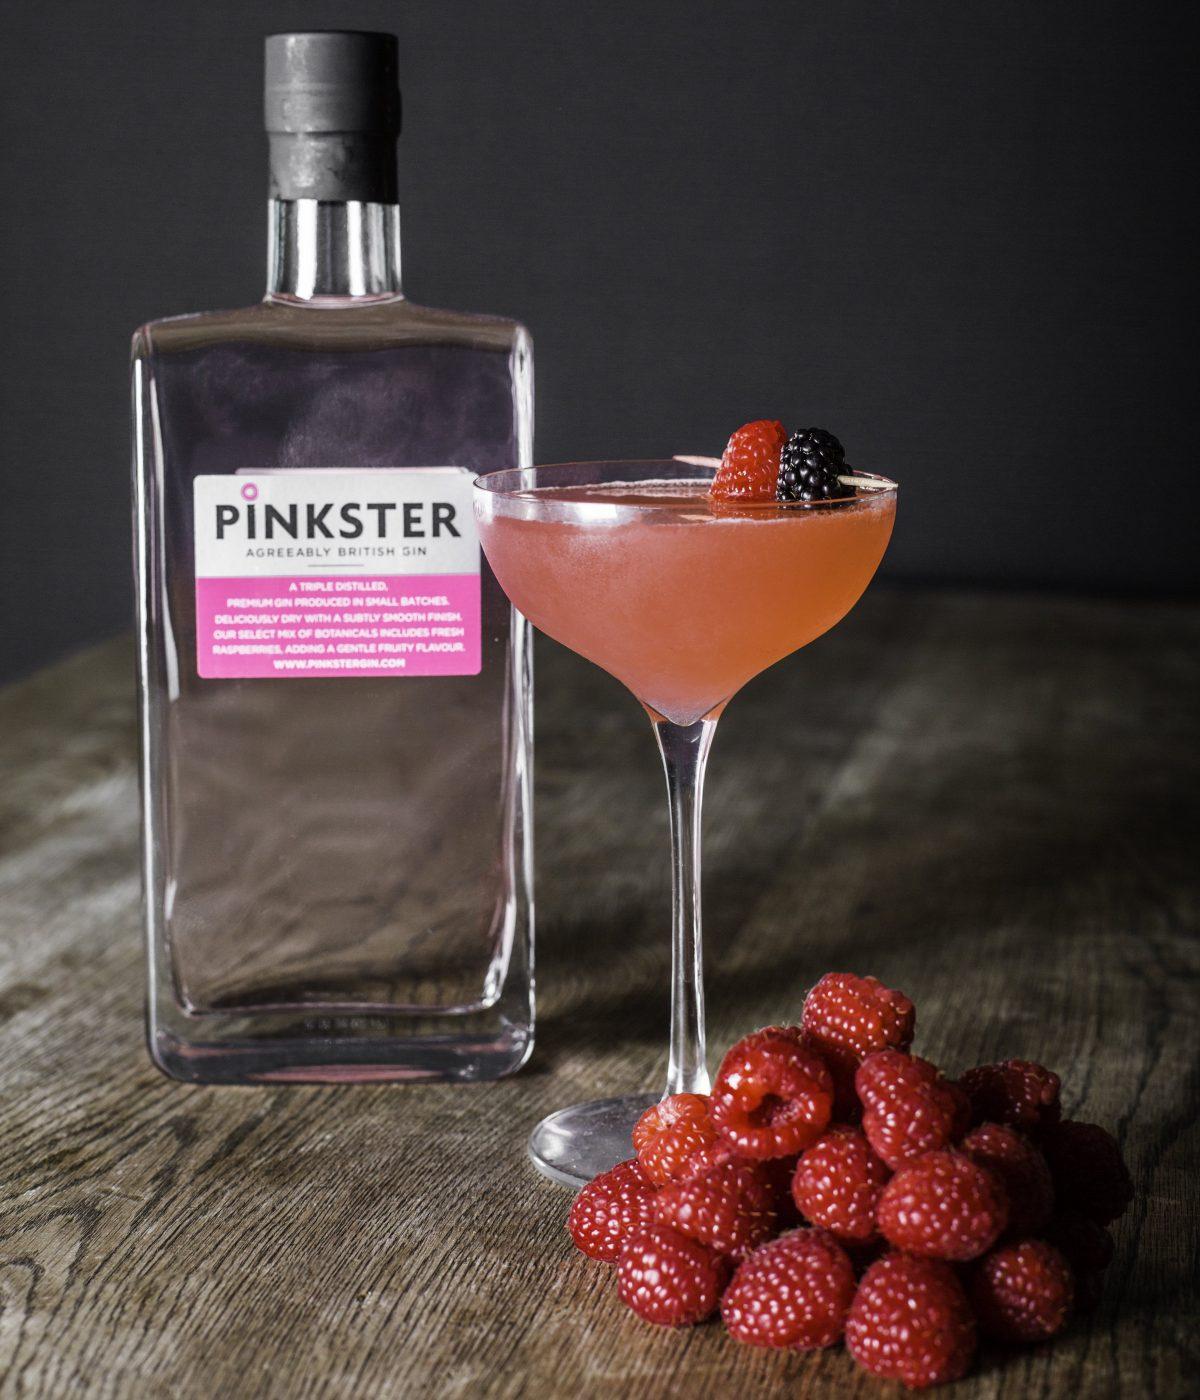 Pinkster Pinktini